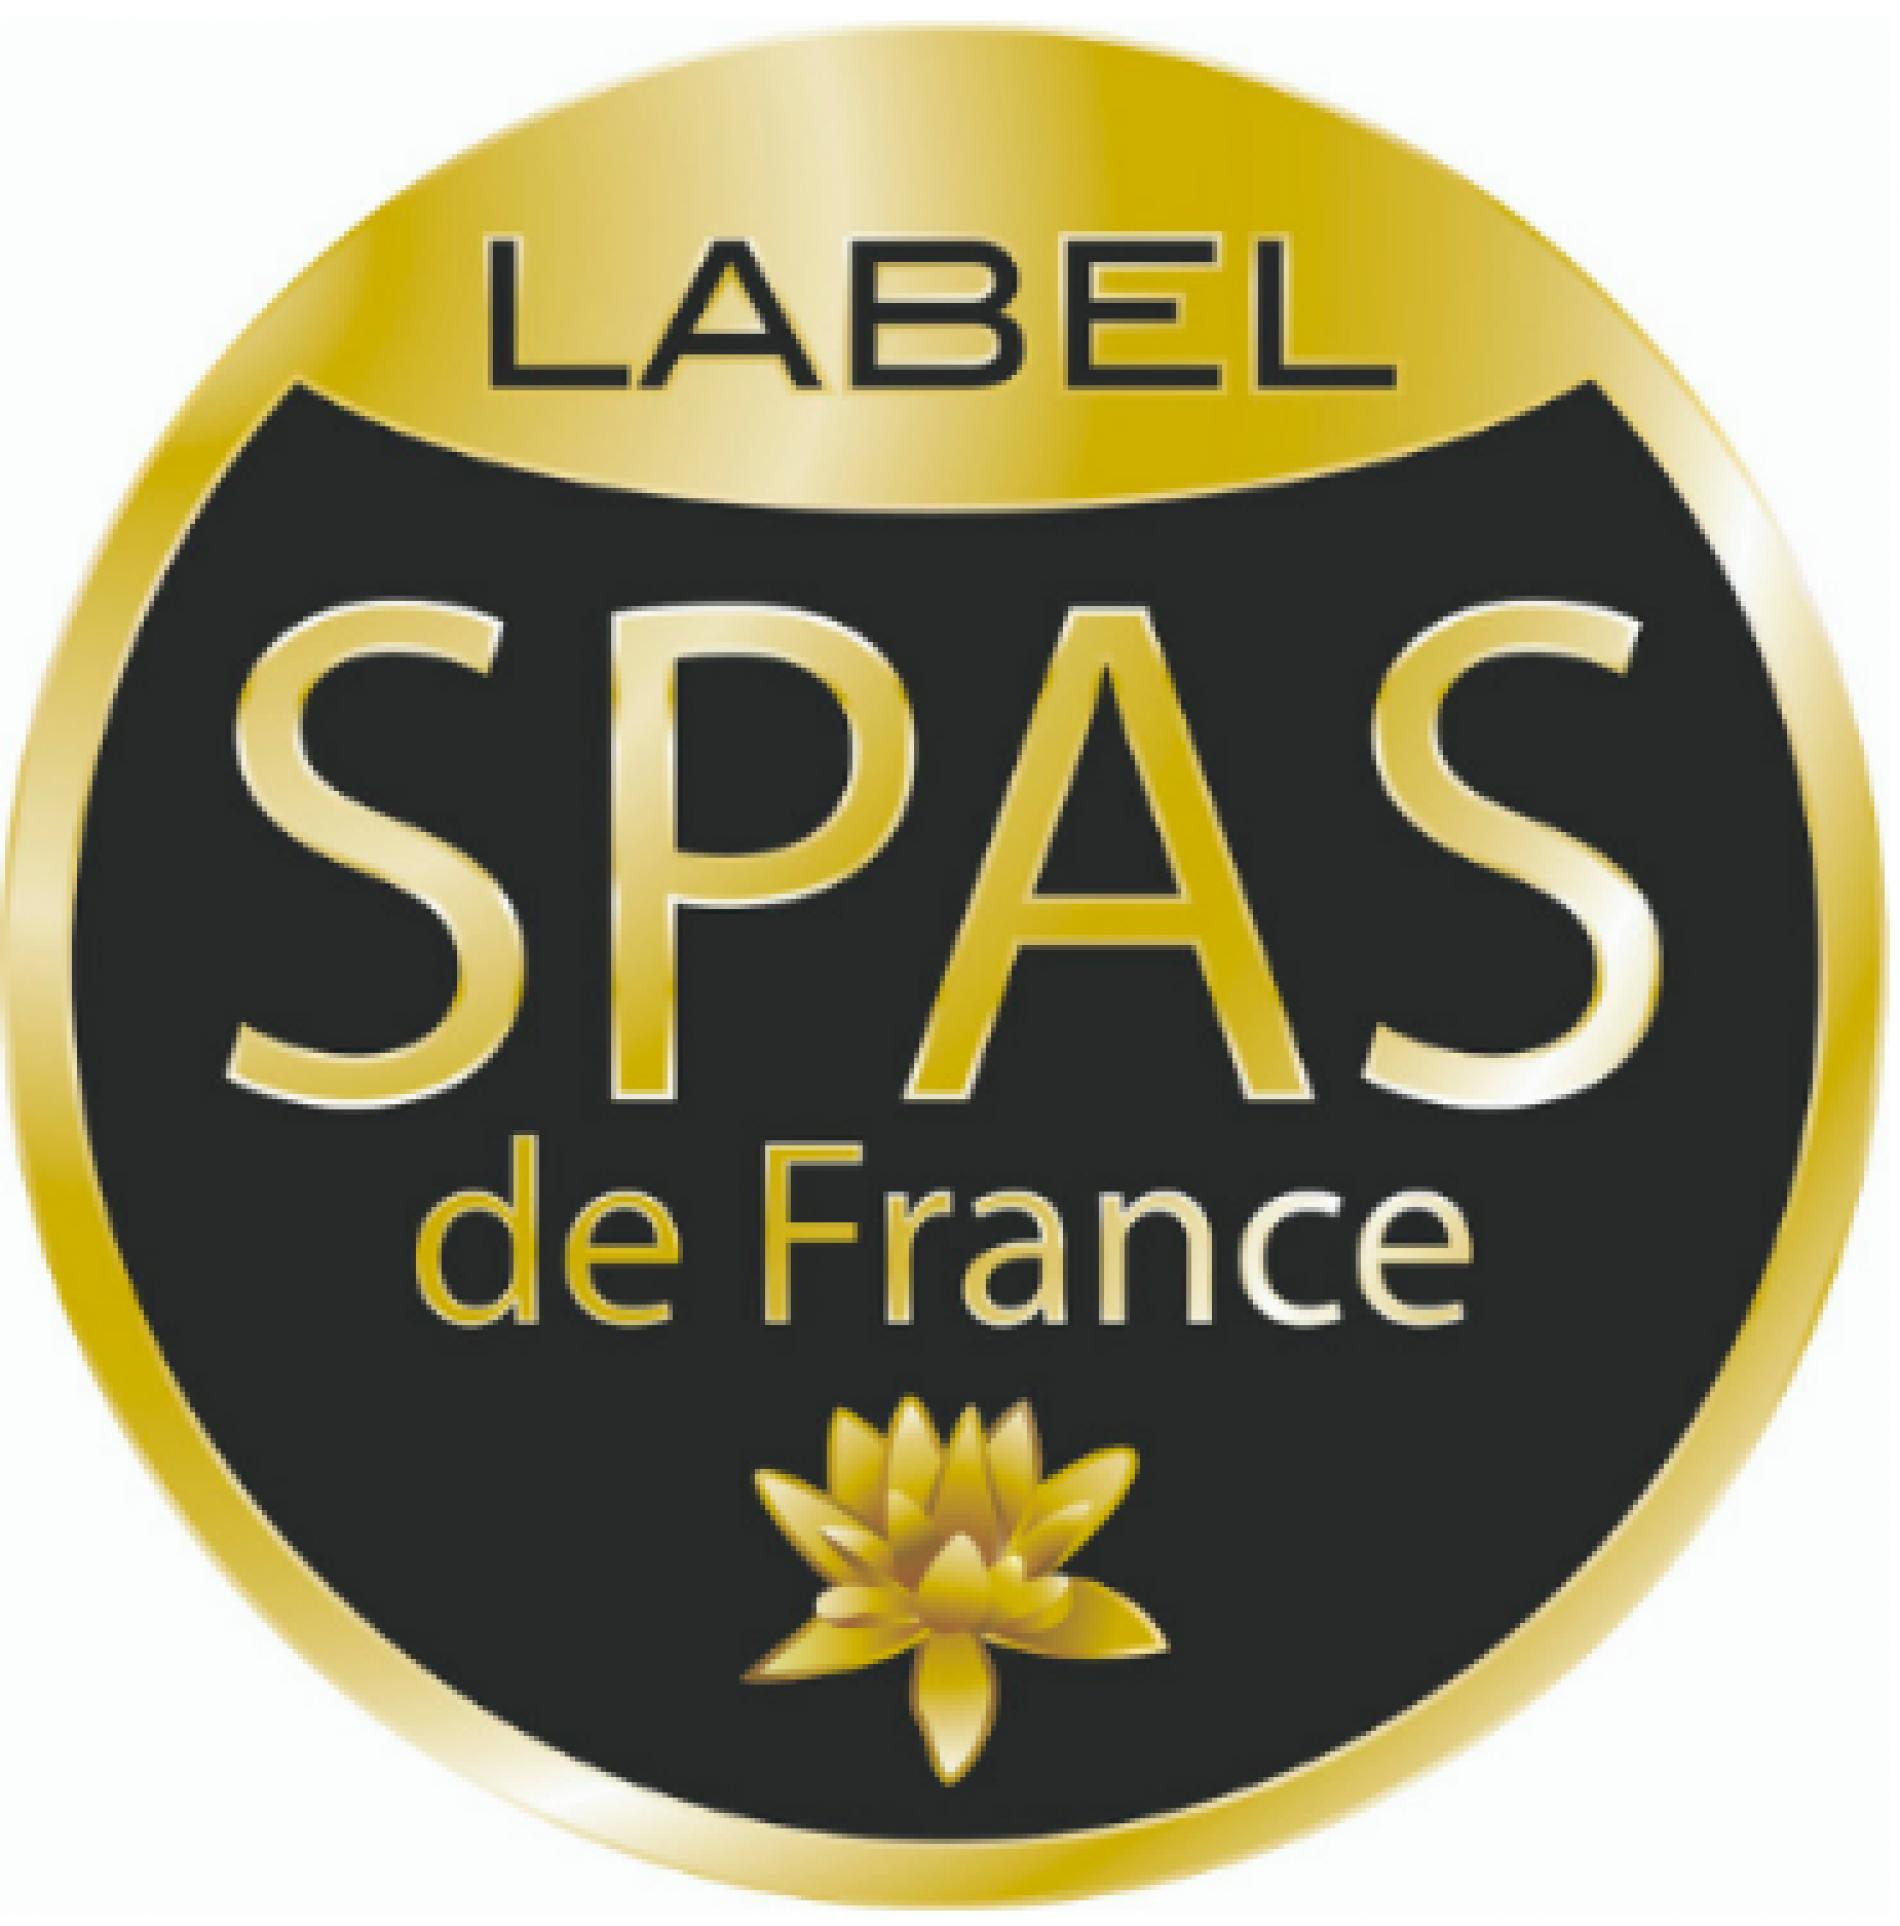 SPAS de France